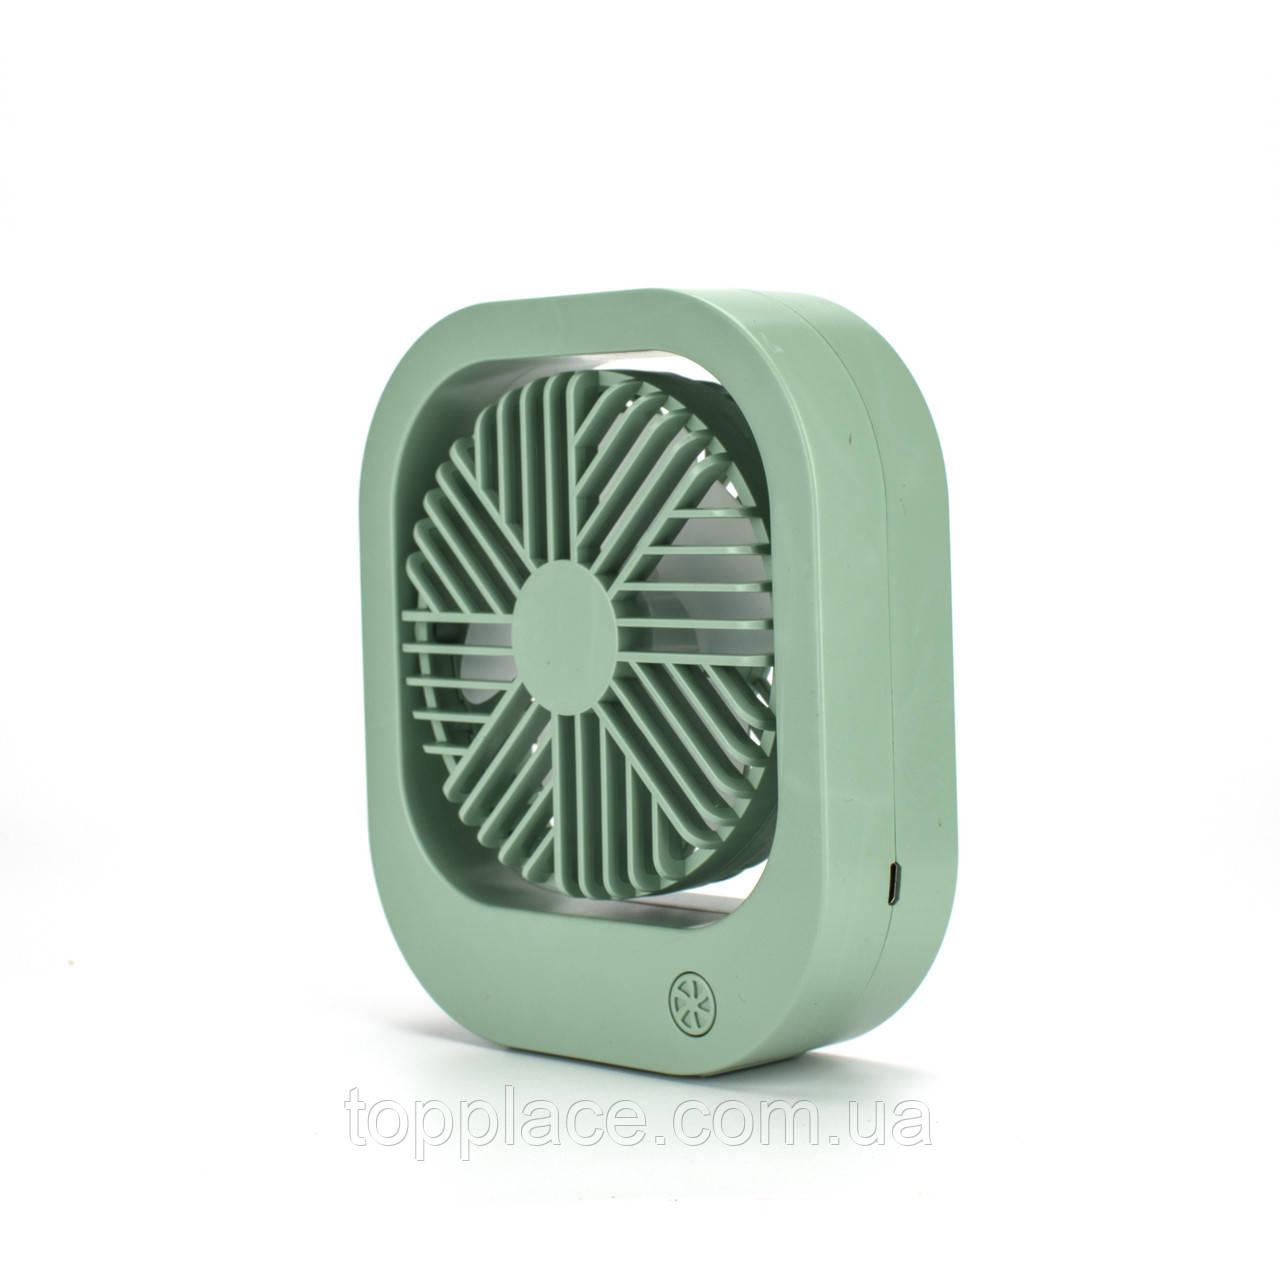 Портативный переносной вентилятор DianDi SQ-2167, Green